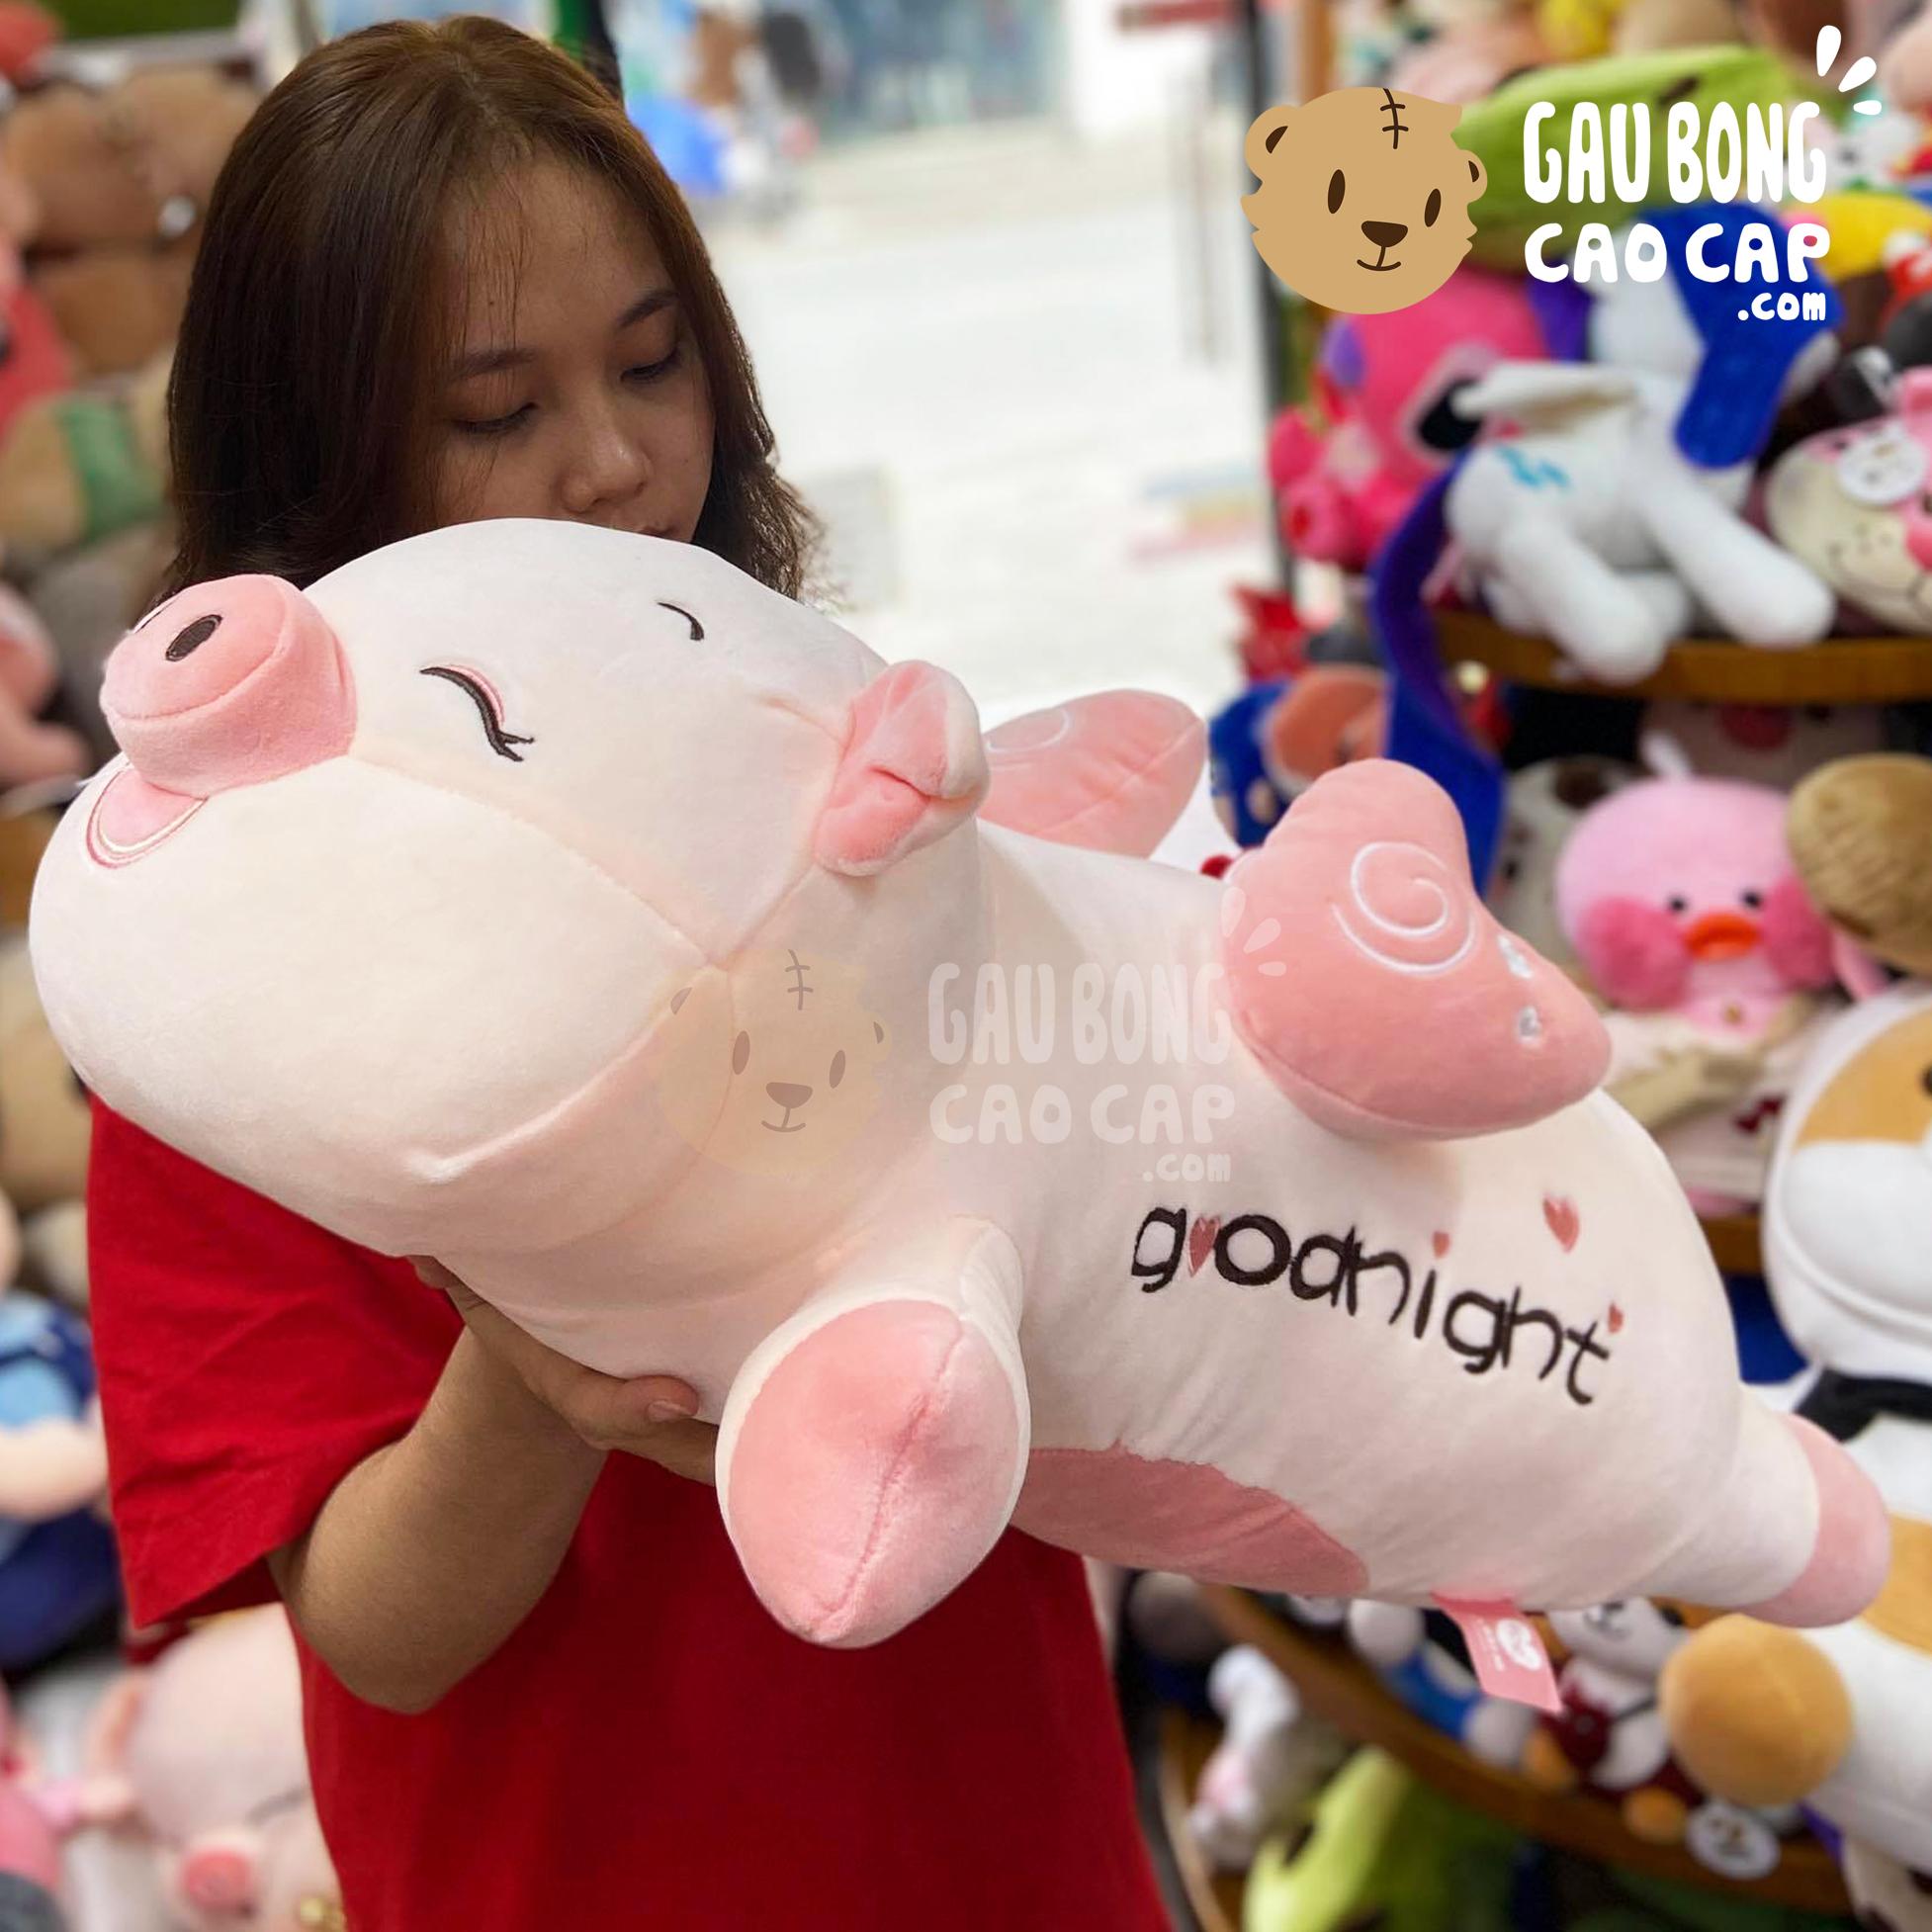 Heo Bông Good Night mặt cười có cánh